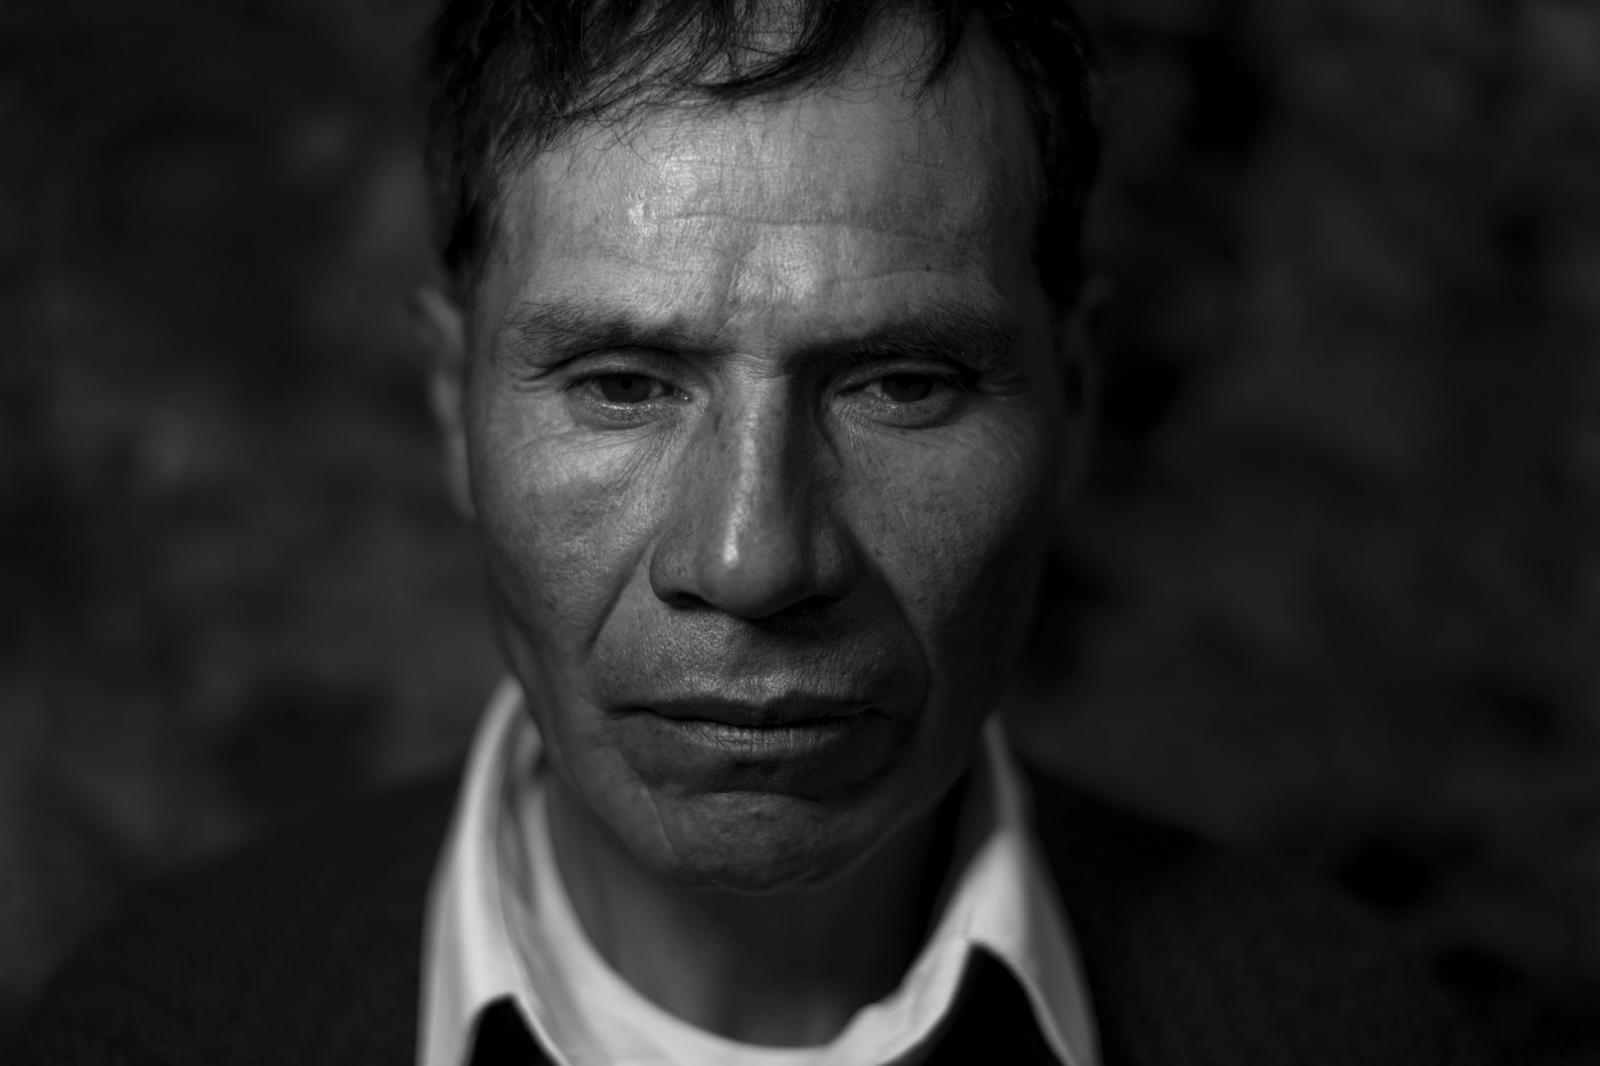 Zósimo Hilario quien perdio a su padre, asesinado el año 1991 junto con 12 miembros de su familia por una patrulla del ejercito.